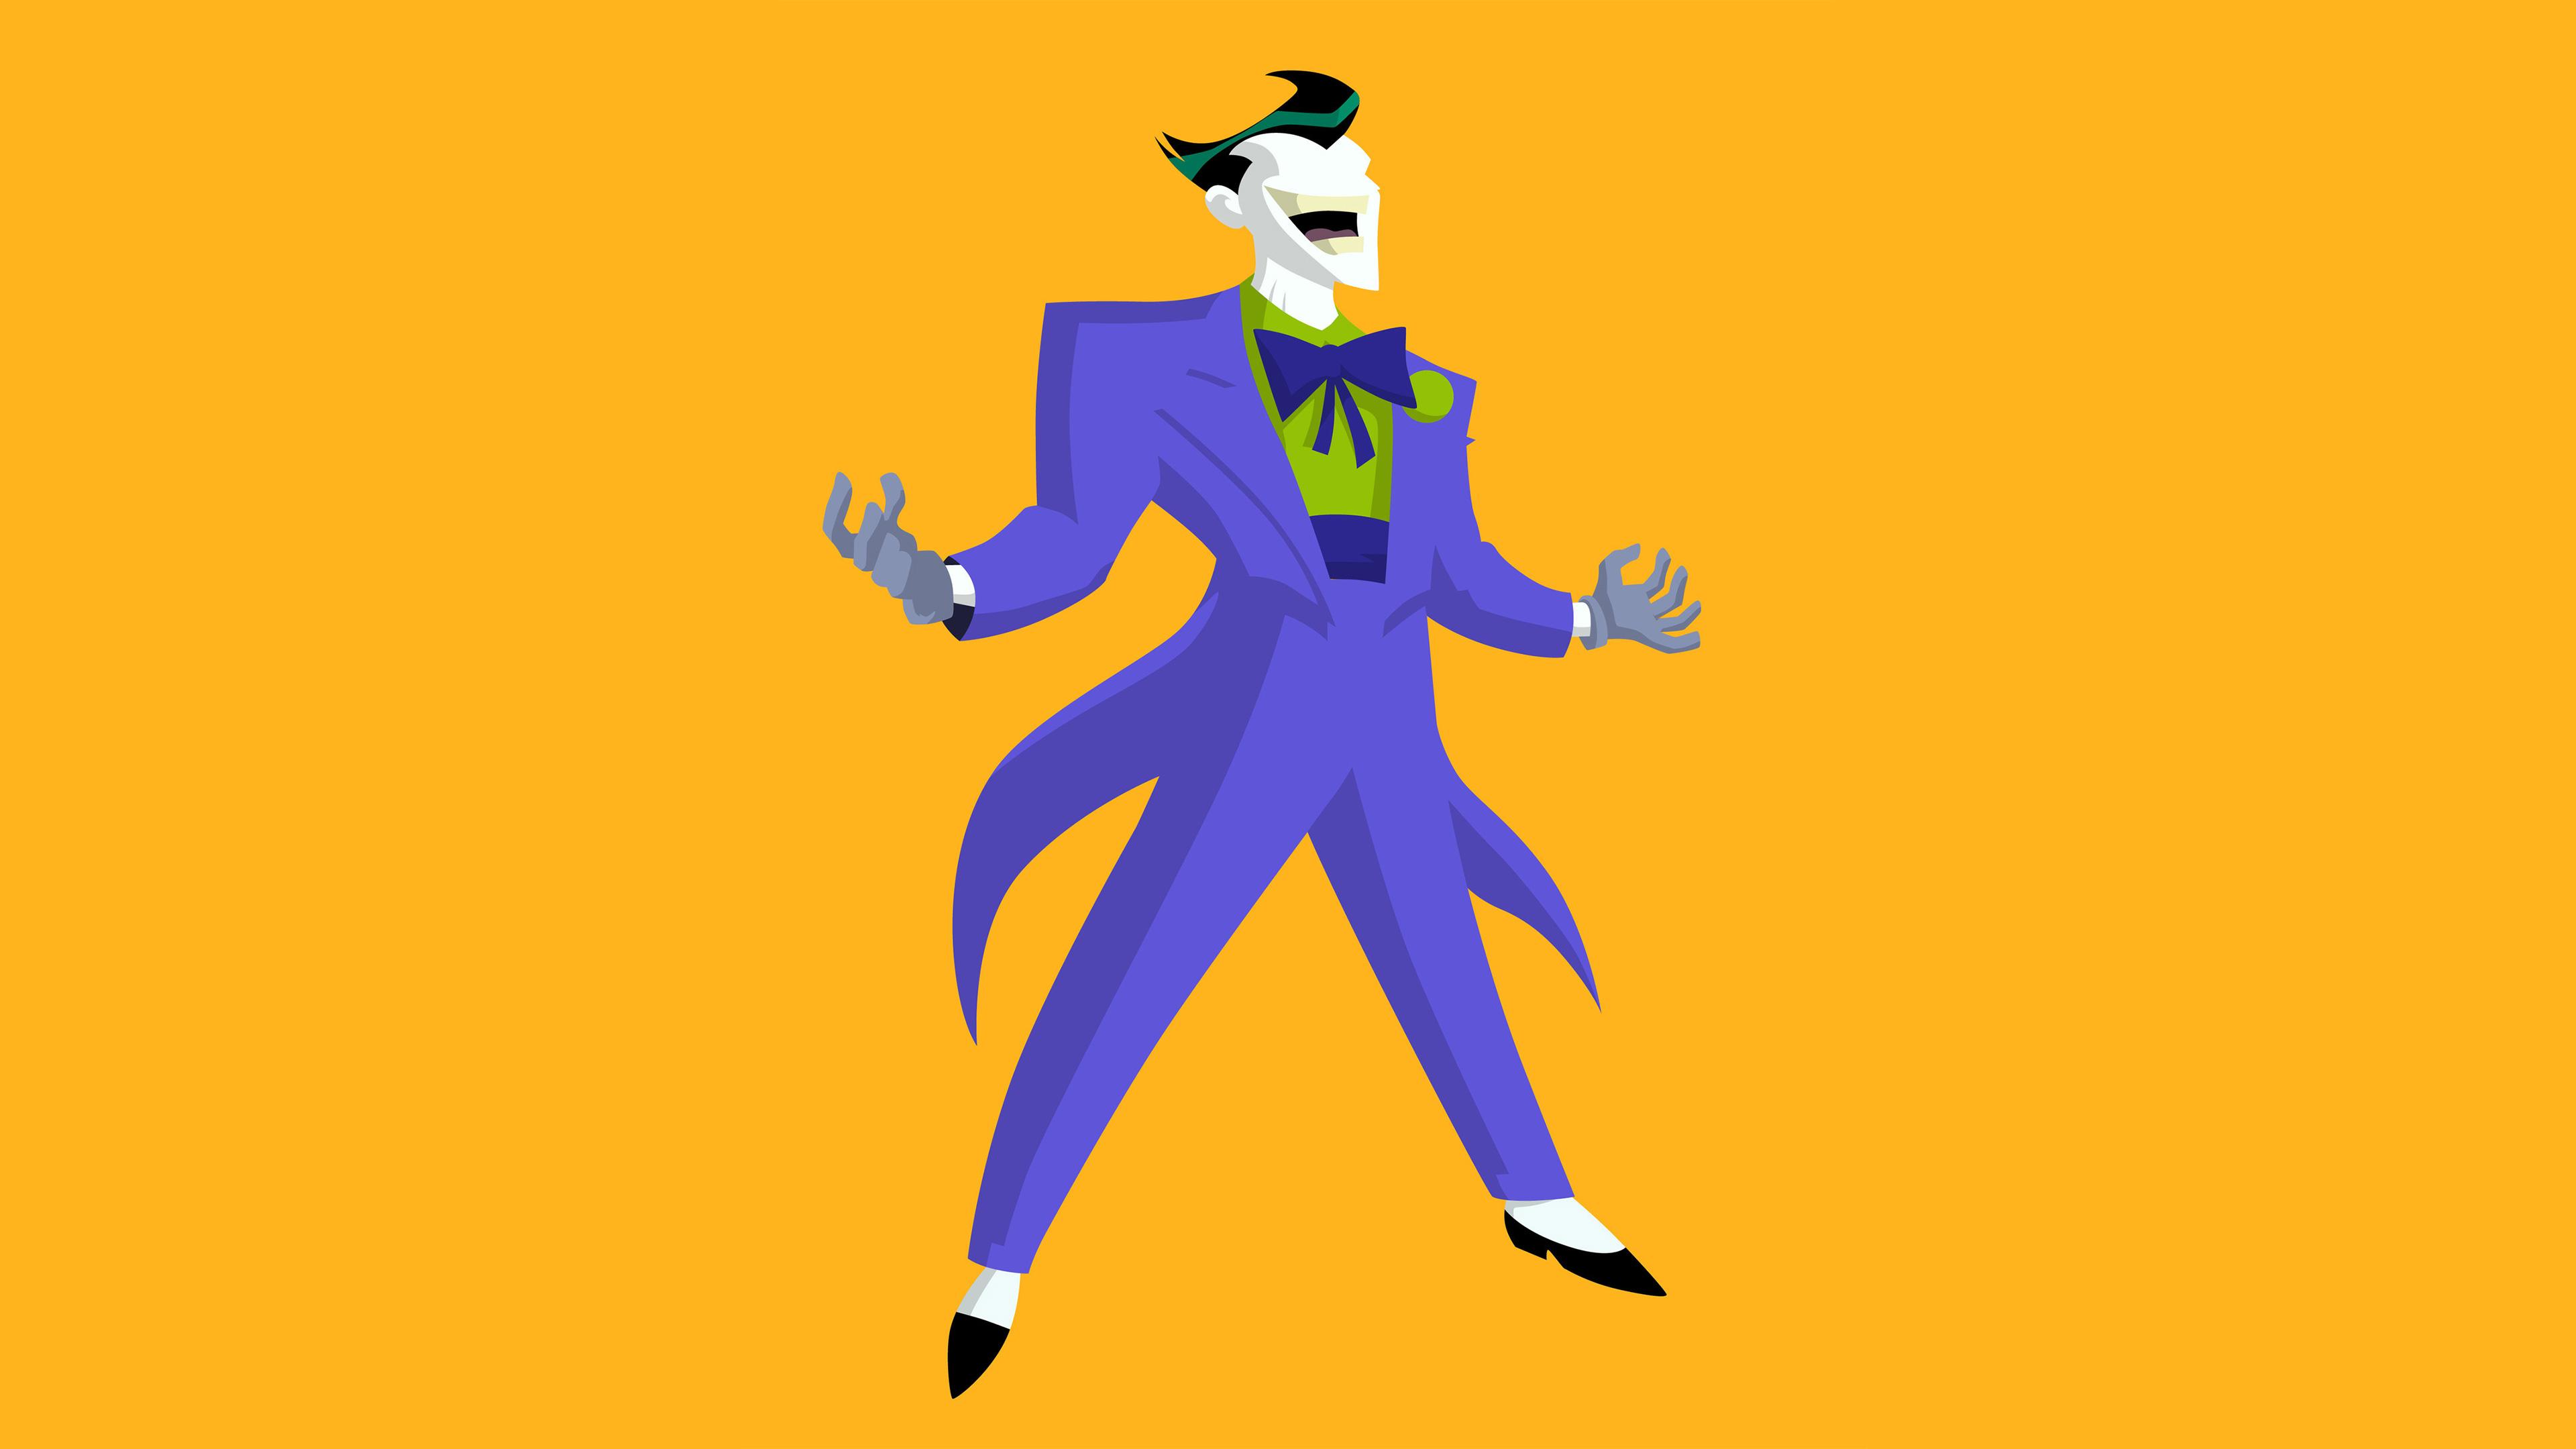 joker vector style 1536521952 - Joker Vector Style - joker wallpapers, hd-wallpapers, digital art wallpapers, artwork wallpapers, artstation wallpapers, artist wallpapers, 4k-wallpapers